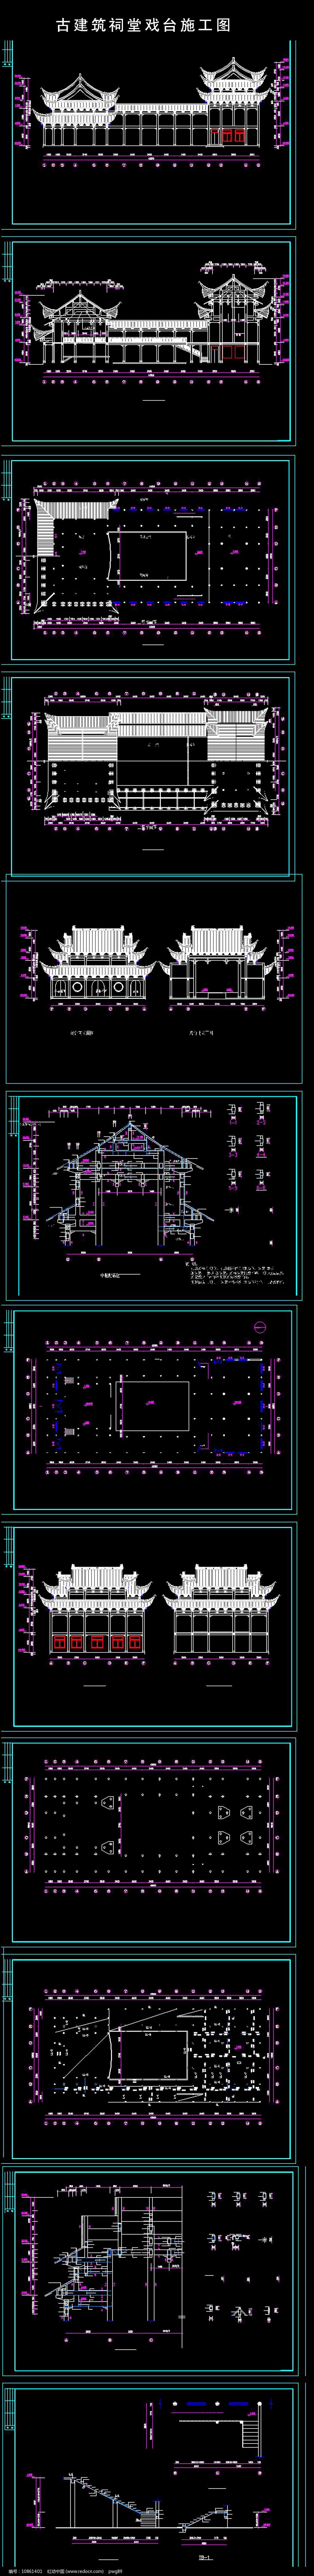 祠堂戏台建筑图纸 图片